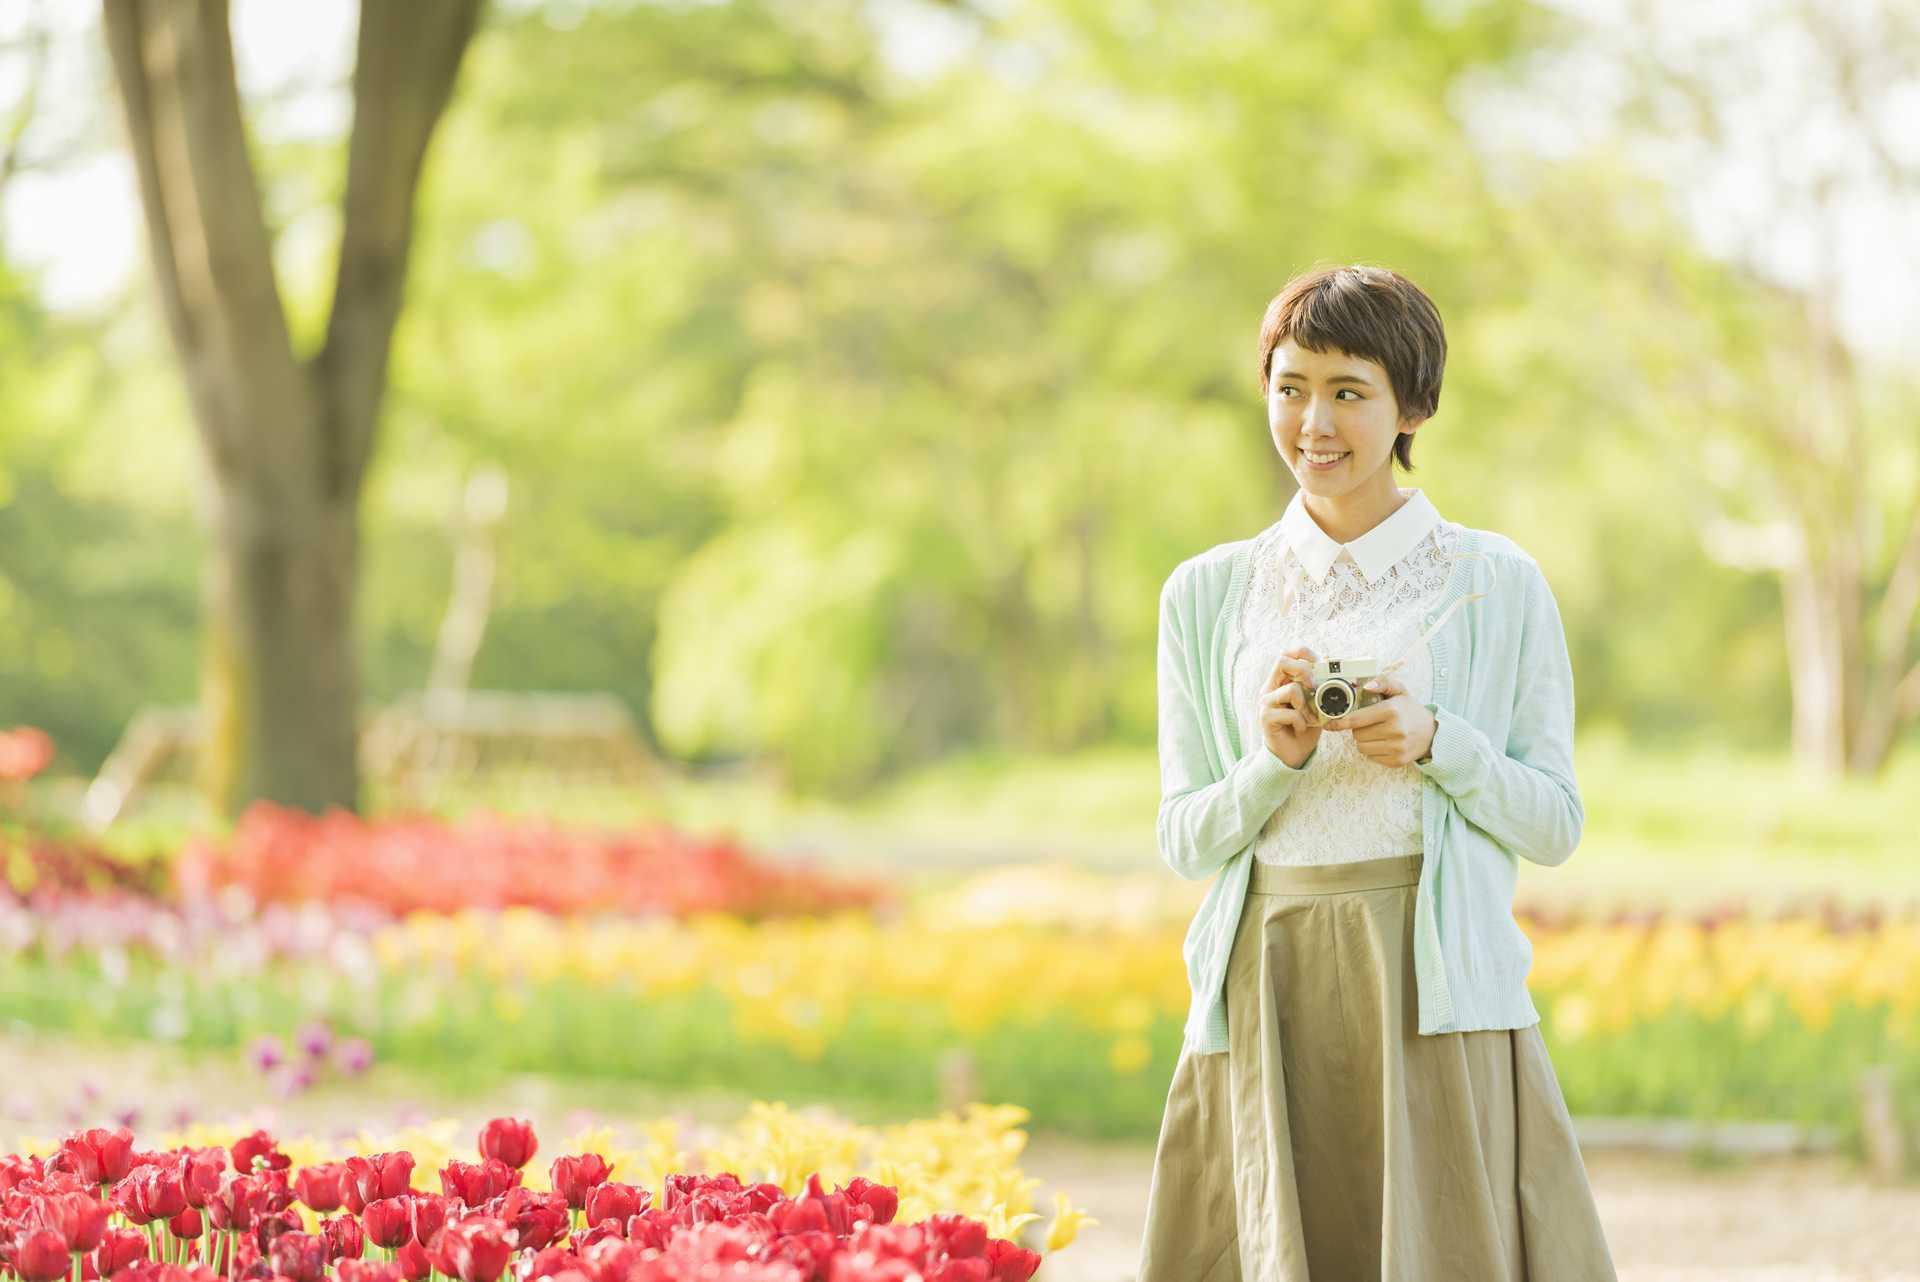 カメラを持って歩くと、散歩がもっと楽しくなる。 | 脳を刺激する30の歩き方